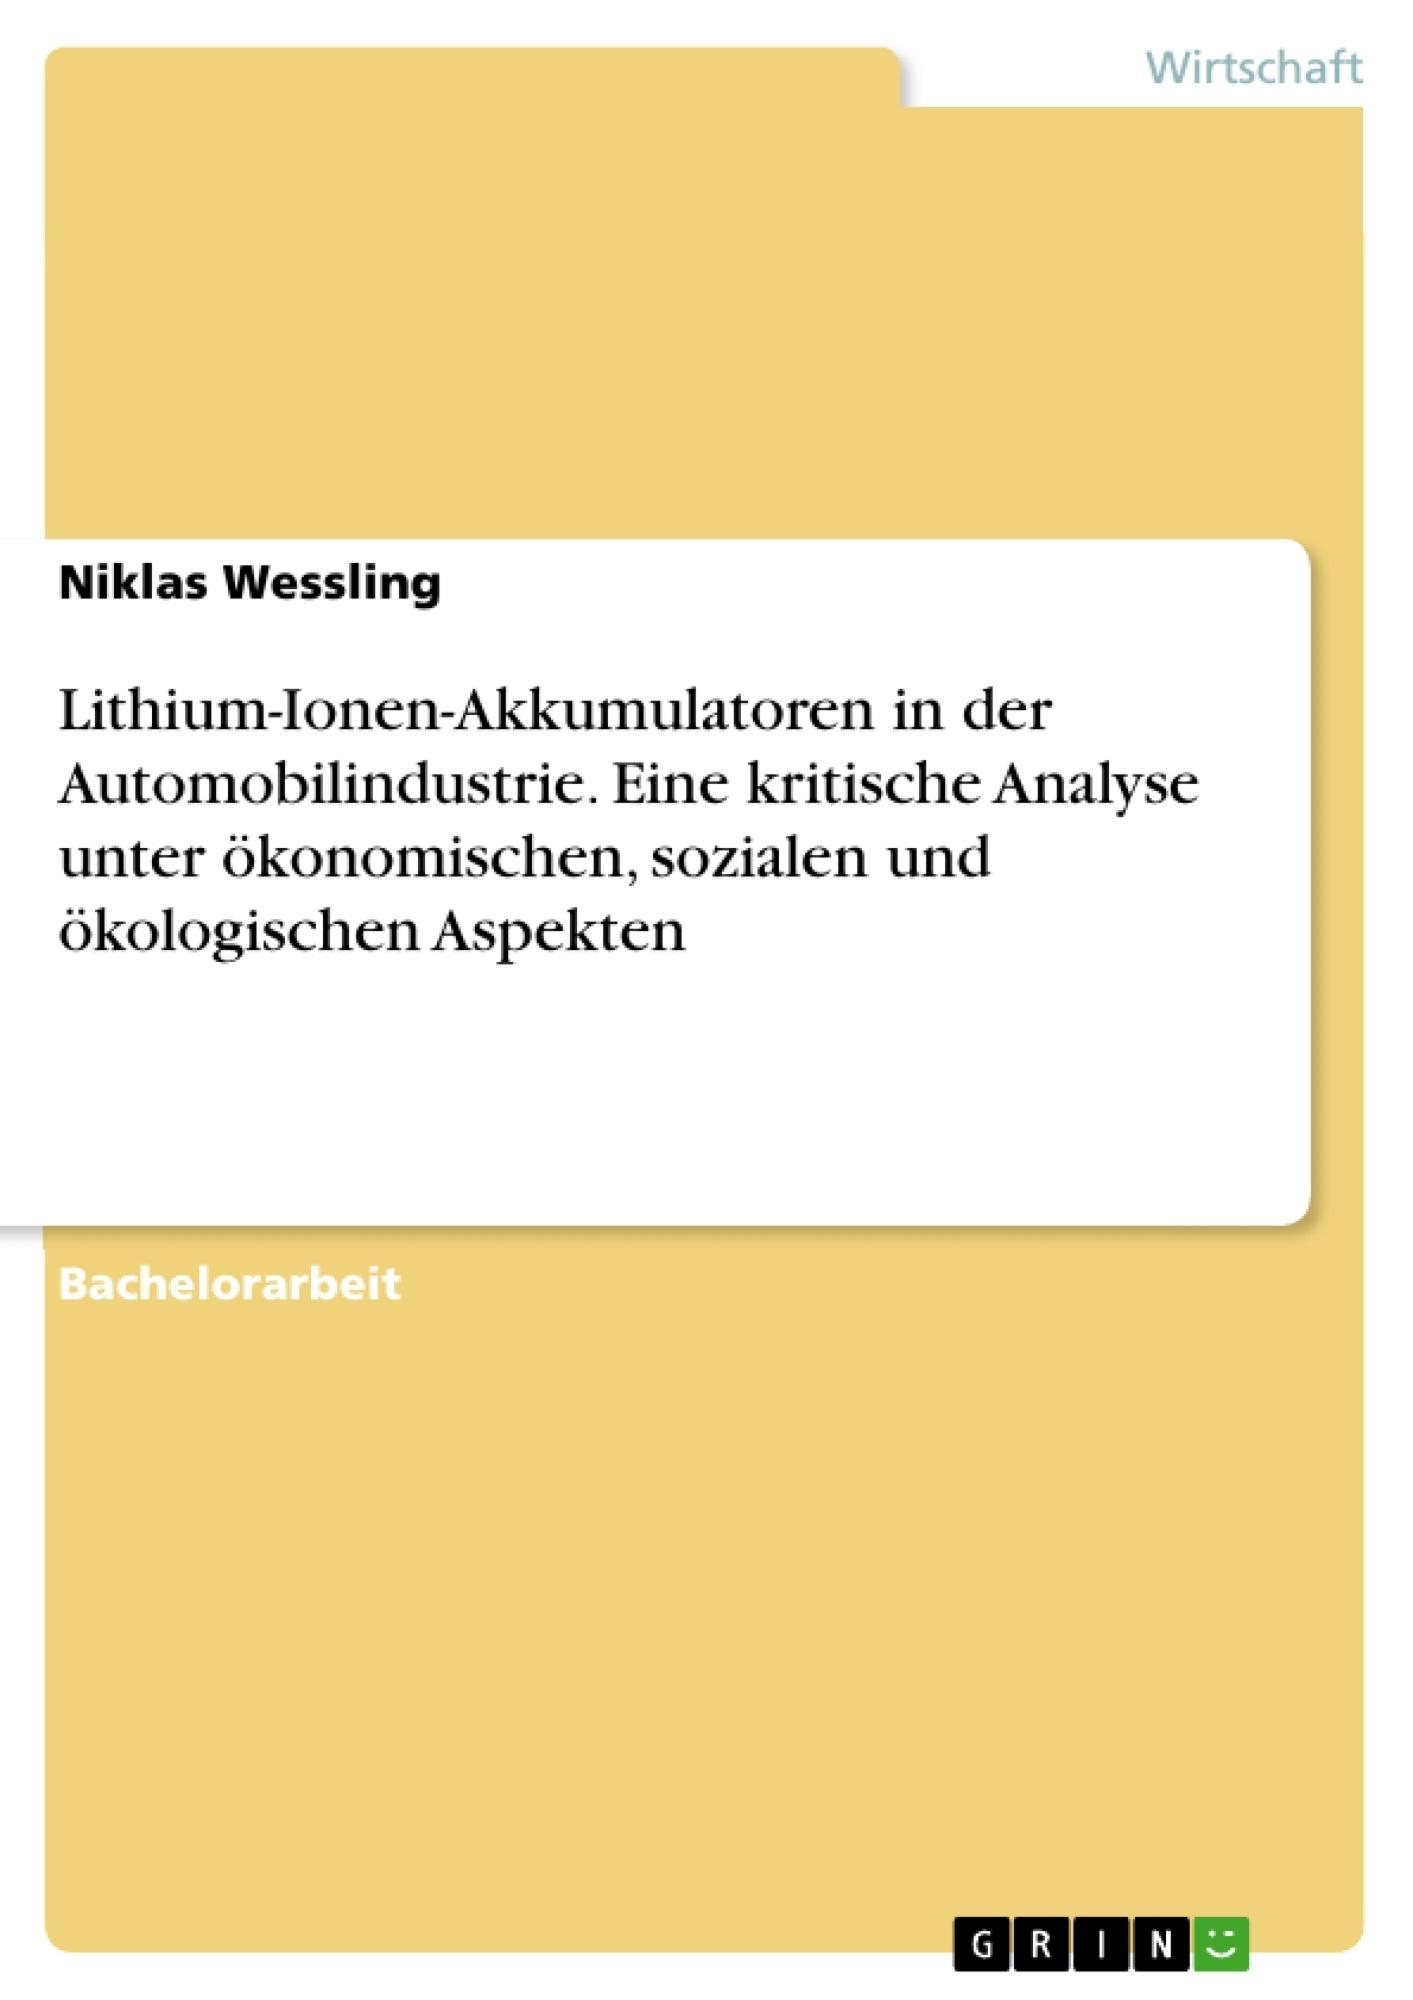 Titel: Lithium-Ionen-Akkumulatoren in der Automobilindustrie. Eine kritische Analyse unter ökonomischen, sozialen und ökologischen Aspekten